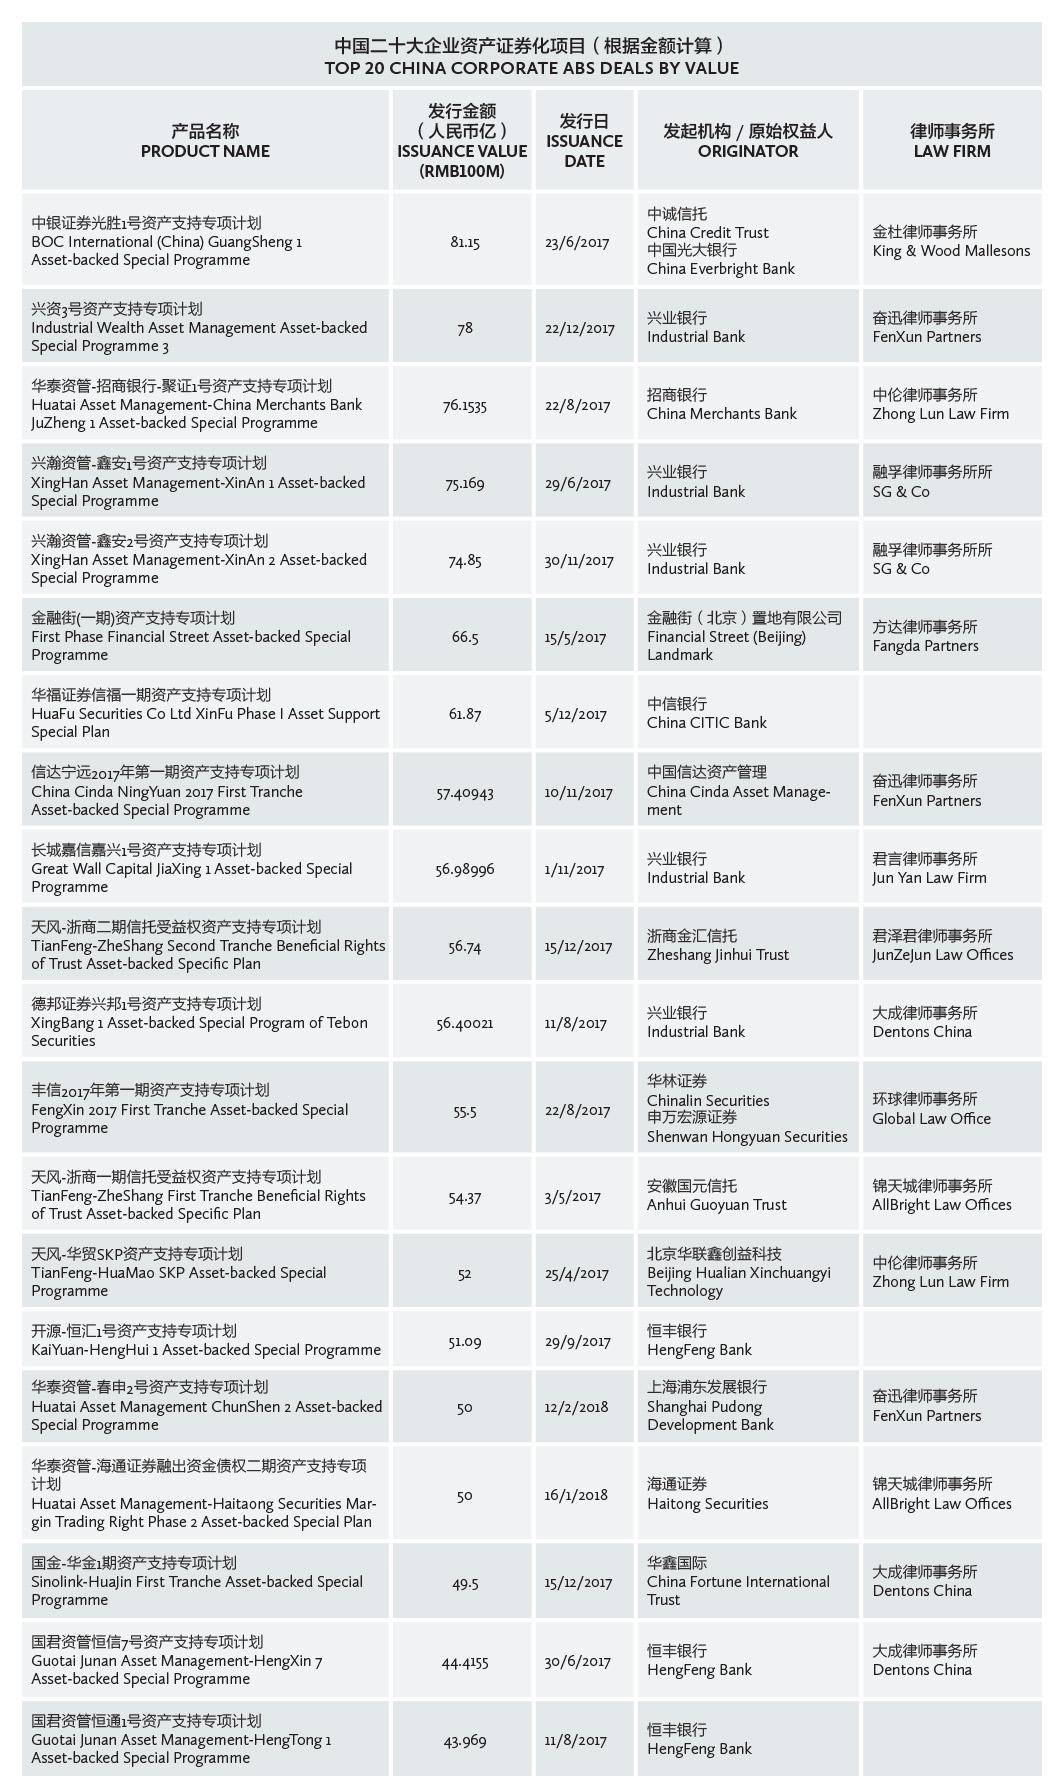 中国二十大企业资产证券化项目